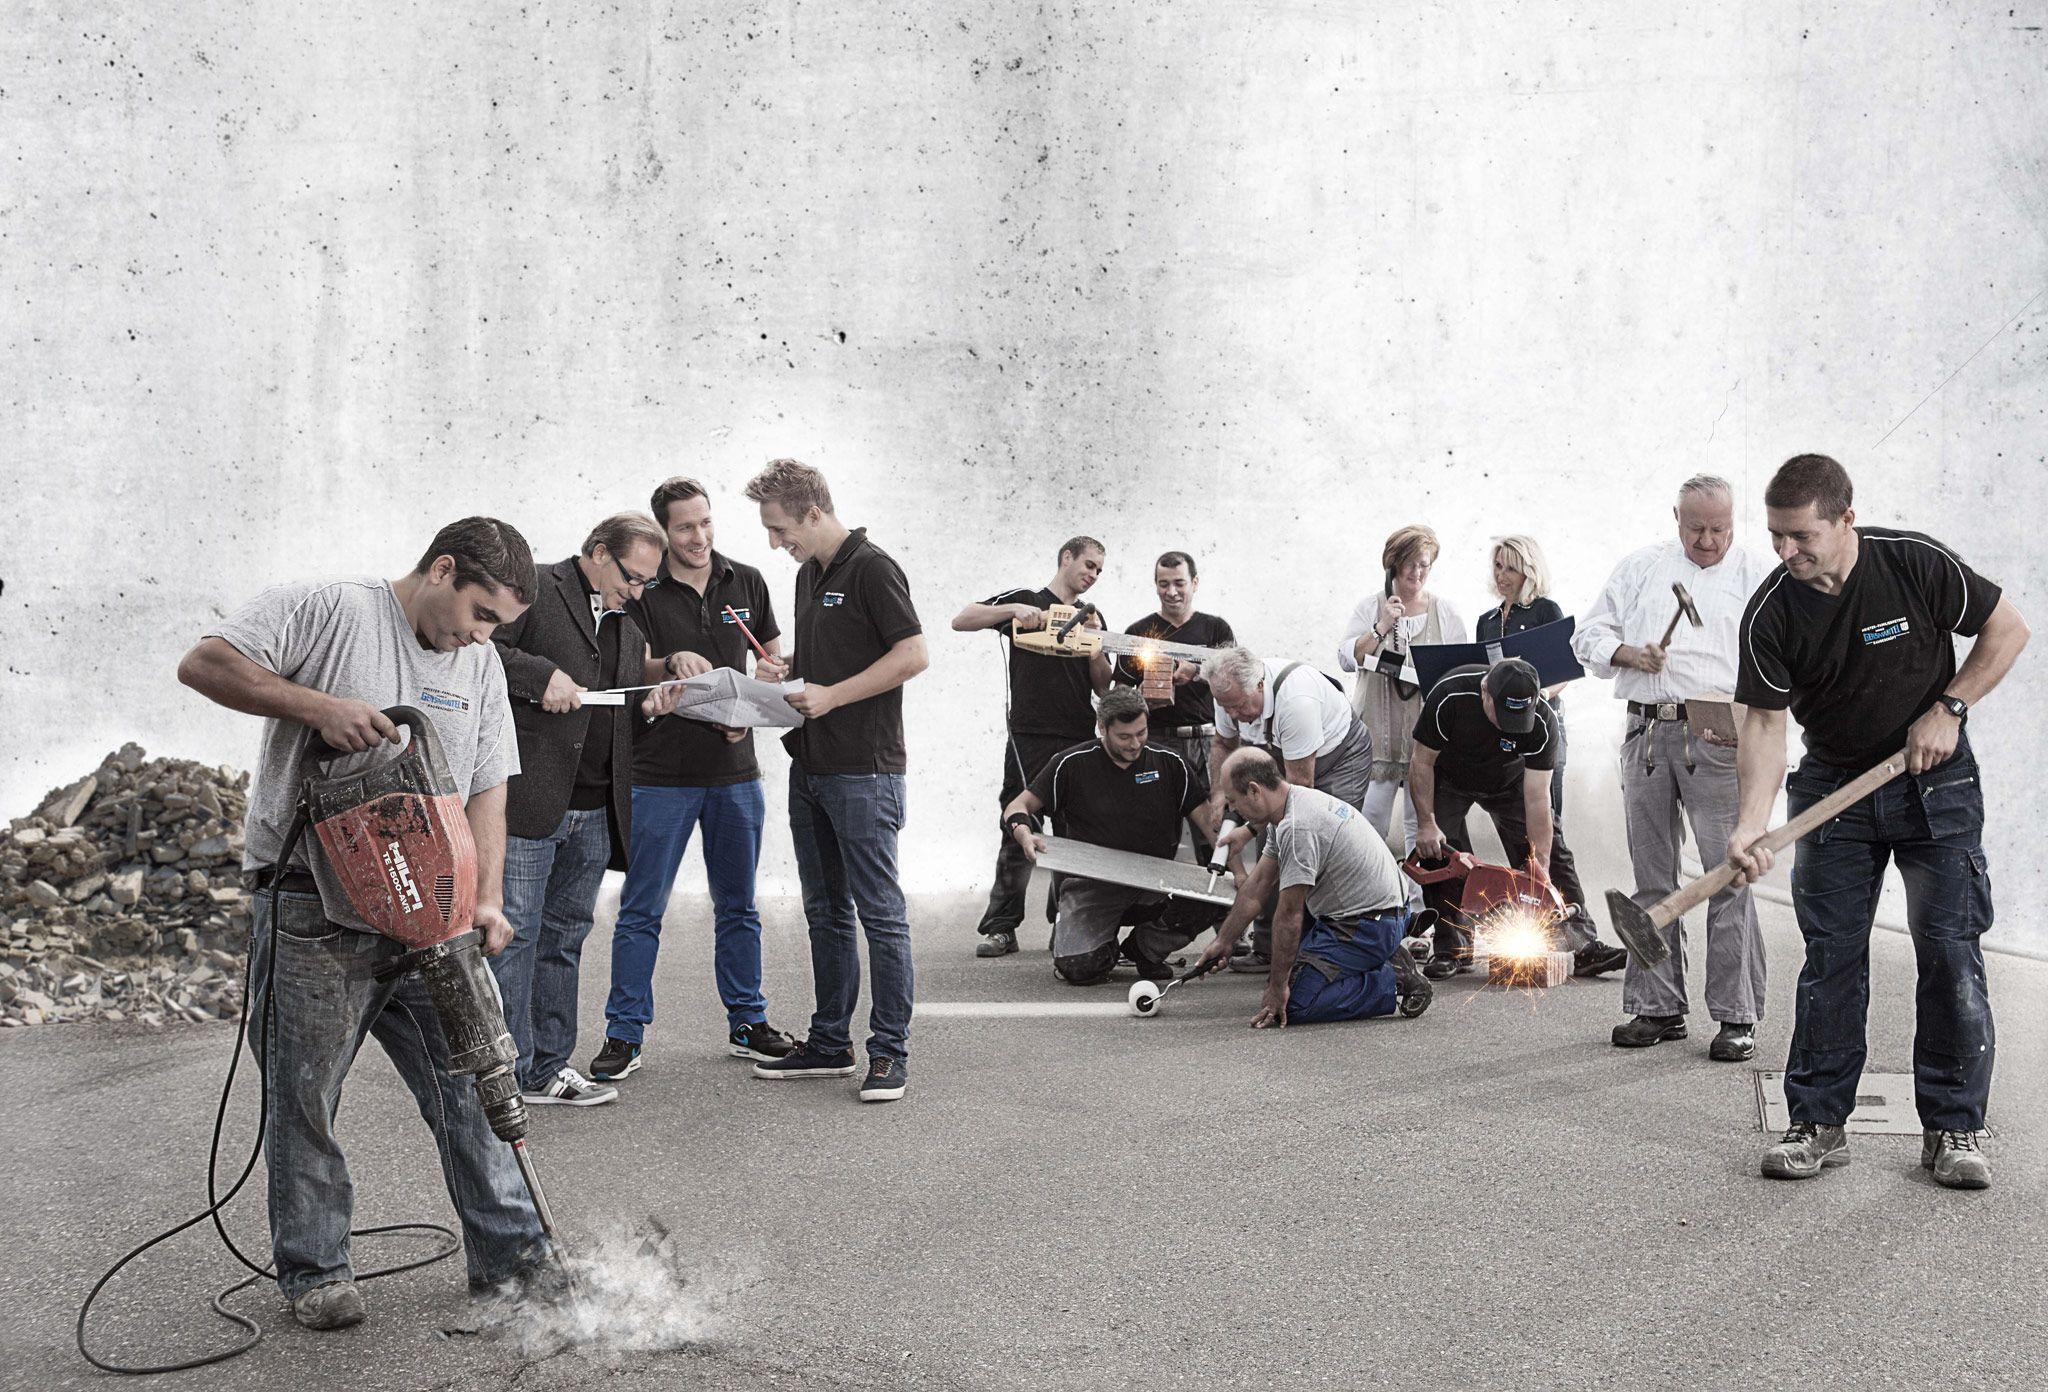 Bauunternehmer Stuttgart meister familienbetrieb gensmantel kg bauunternehmen gensmantel in